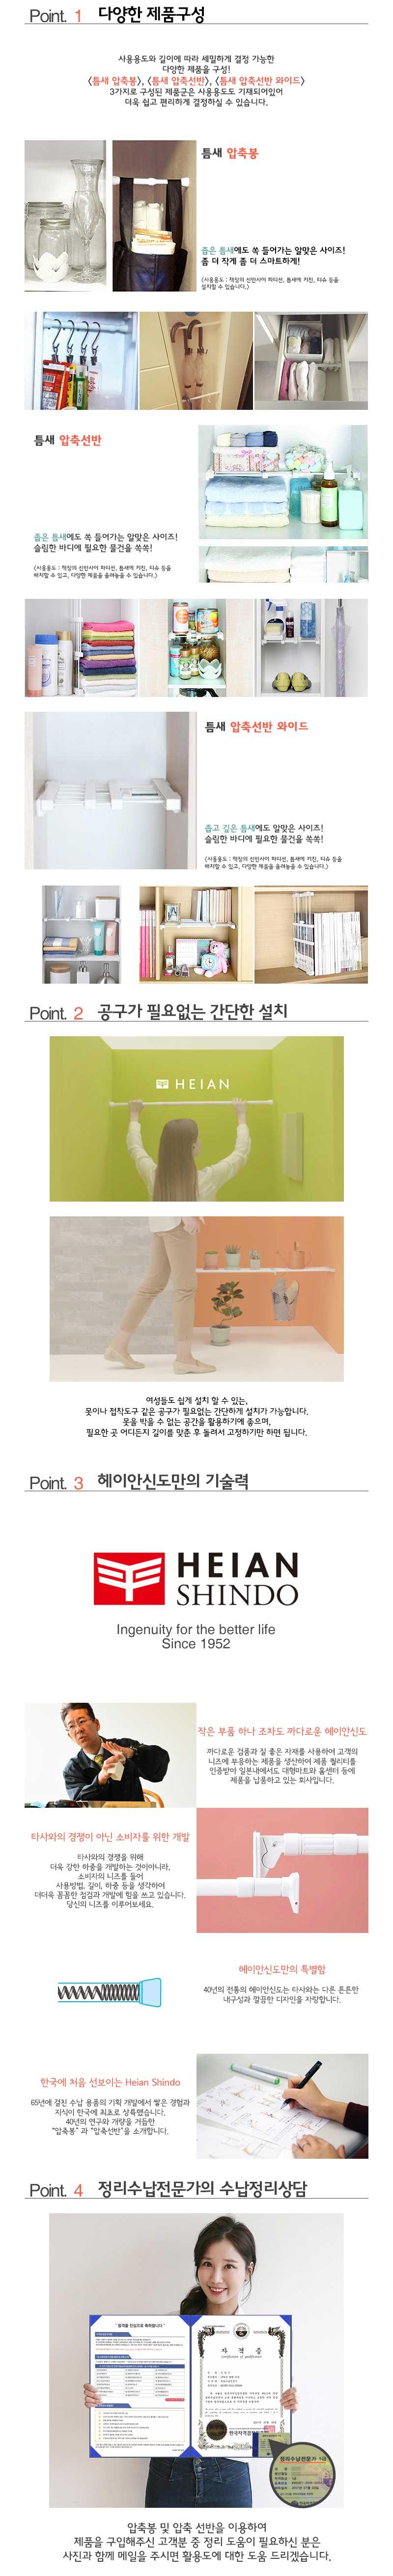 다용도 틈새 압축봉 SMP-14 - 헤이안신도2, 4,900원, 행거/드레스룸/옷걸이, 파이프행거